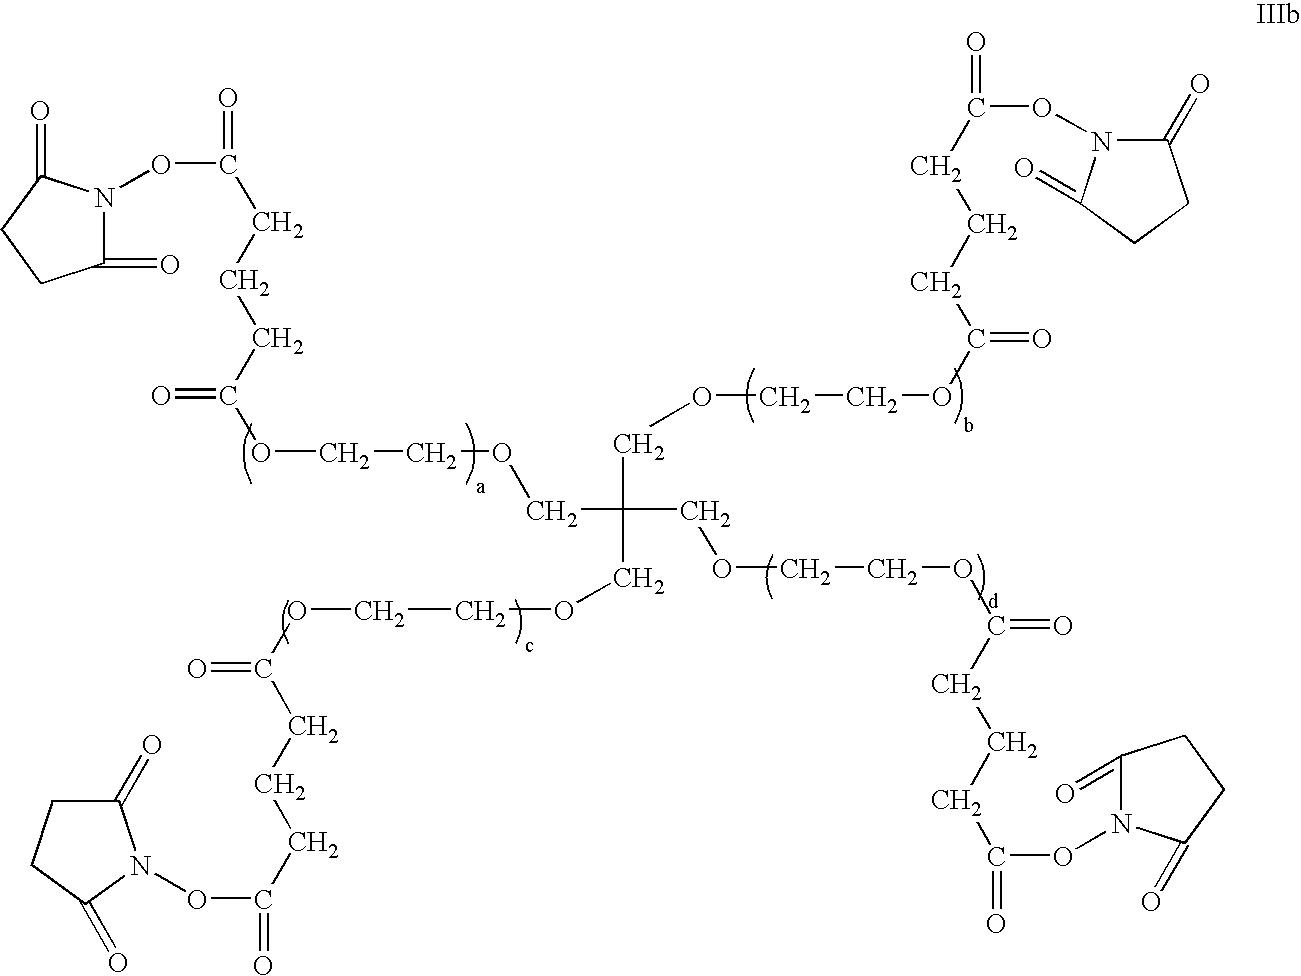 Figure US20080039547A1-20080214-C00015